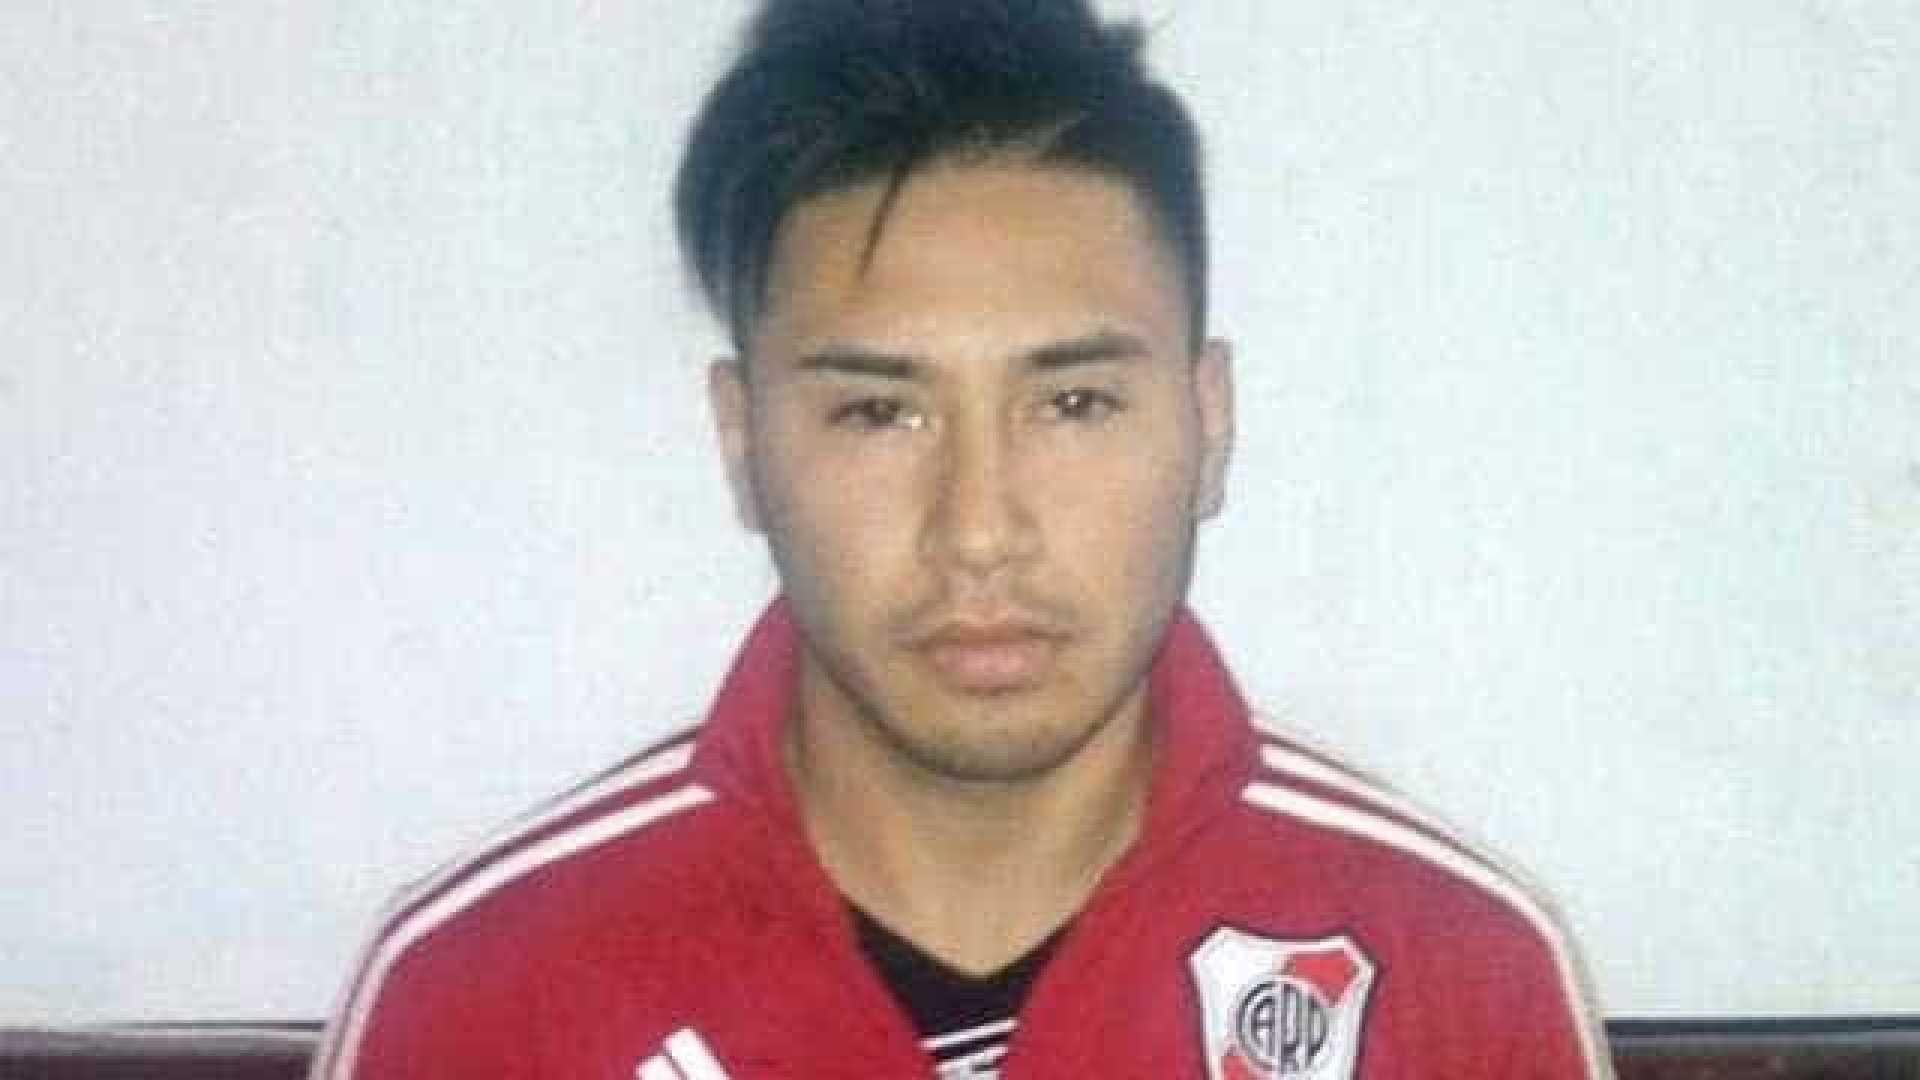 naom 5af486b32e07f - Jogador argentino é preso acusado de estuprar e matar enteado de 5 anos